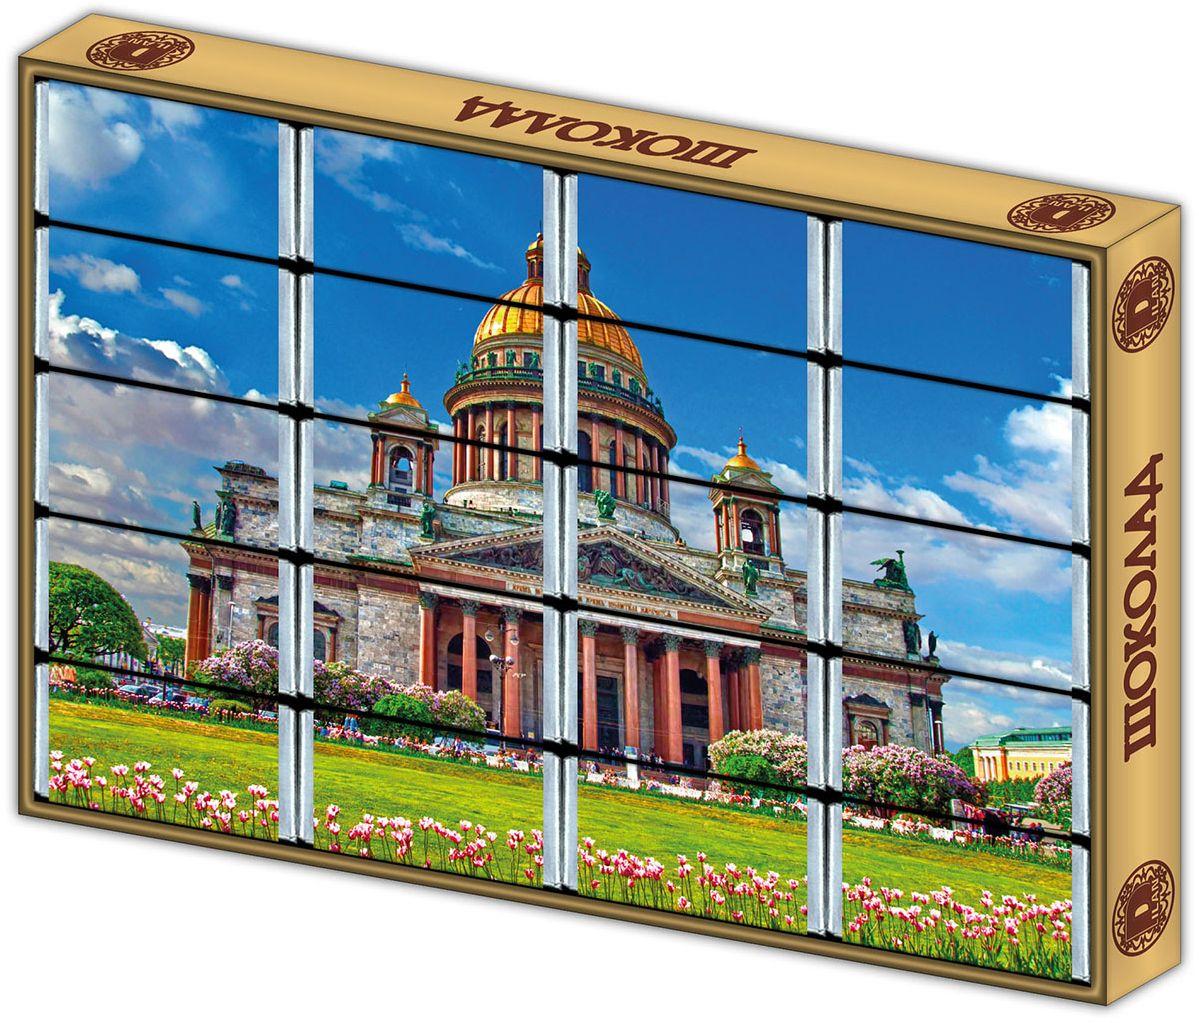 Дилан+ Шоколадный набор Санкт-Петербург с раскраской, 20 шт по 5 г karl fazer julia конфеты темный шоколад с ананасово абрикосовым мармеладом 350 г